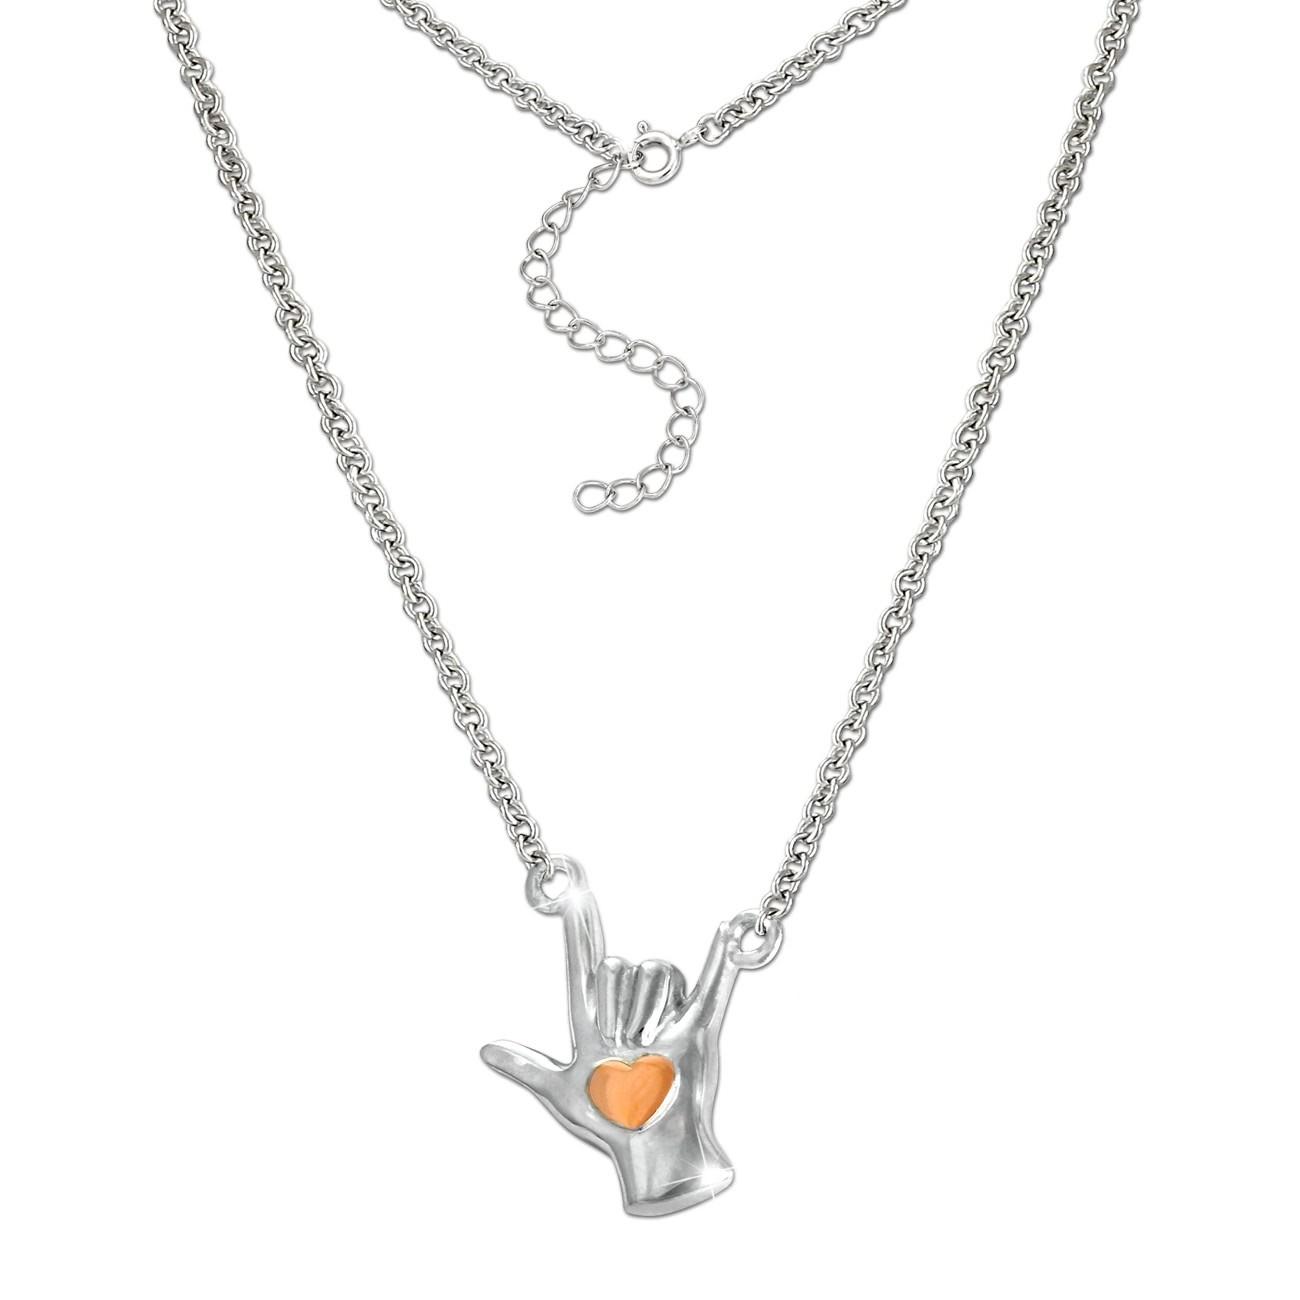 SilberDream Collier Kette Handzeichen -Ich liebe dich- 925 Silber 46cm SDK50844E